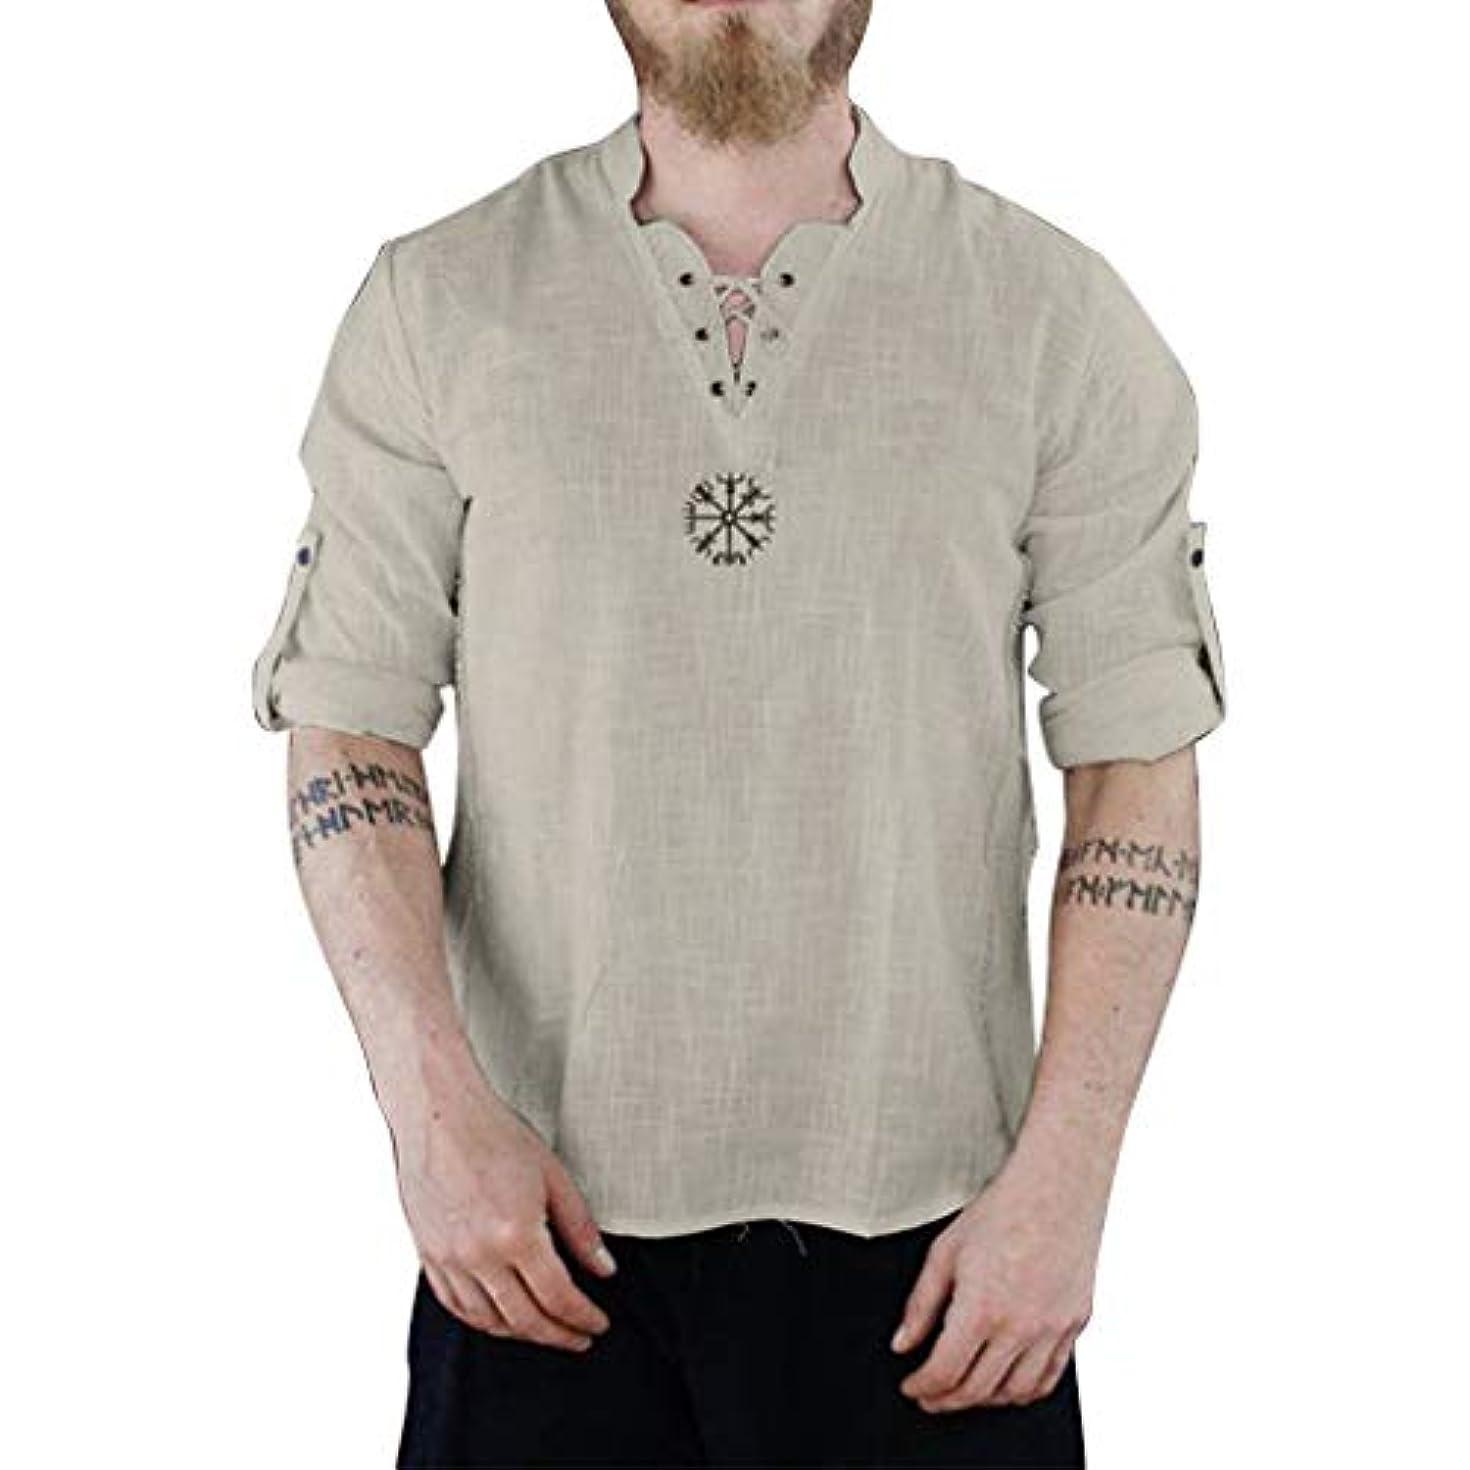 シーボードもっと反動メンズ Tシャツ ティーシャツ OD企画 男性 丸首 Tシャツ ファッション おしゃれ プリント 夏服 メンズ ストーリート系 シンプル 半袖 速乾 軽薄 通気 上着 お出かけ ヒップホップ風 トップス 個性的 旅行 普段着...